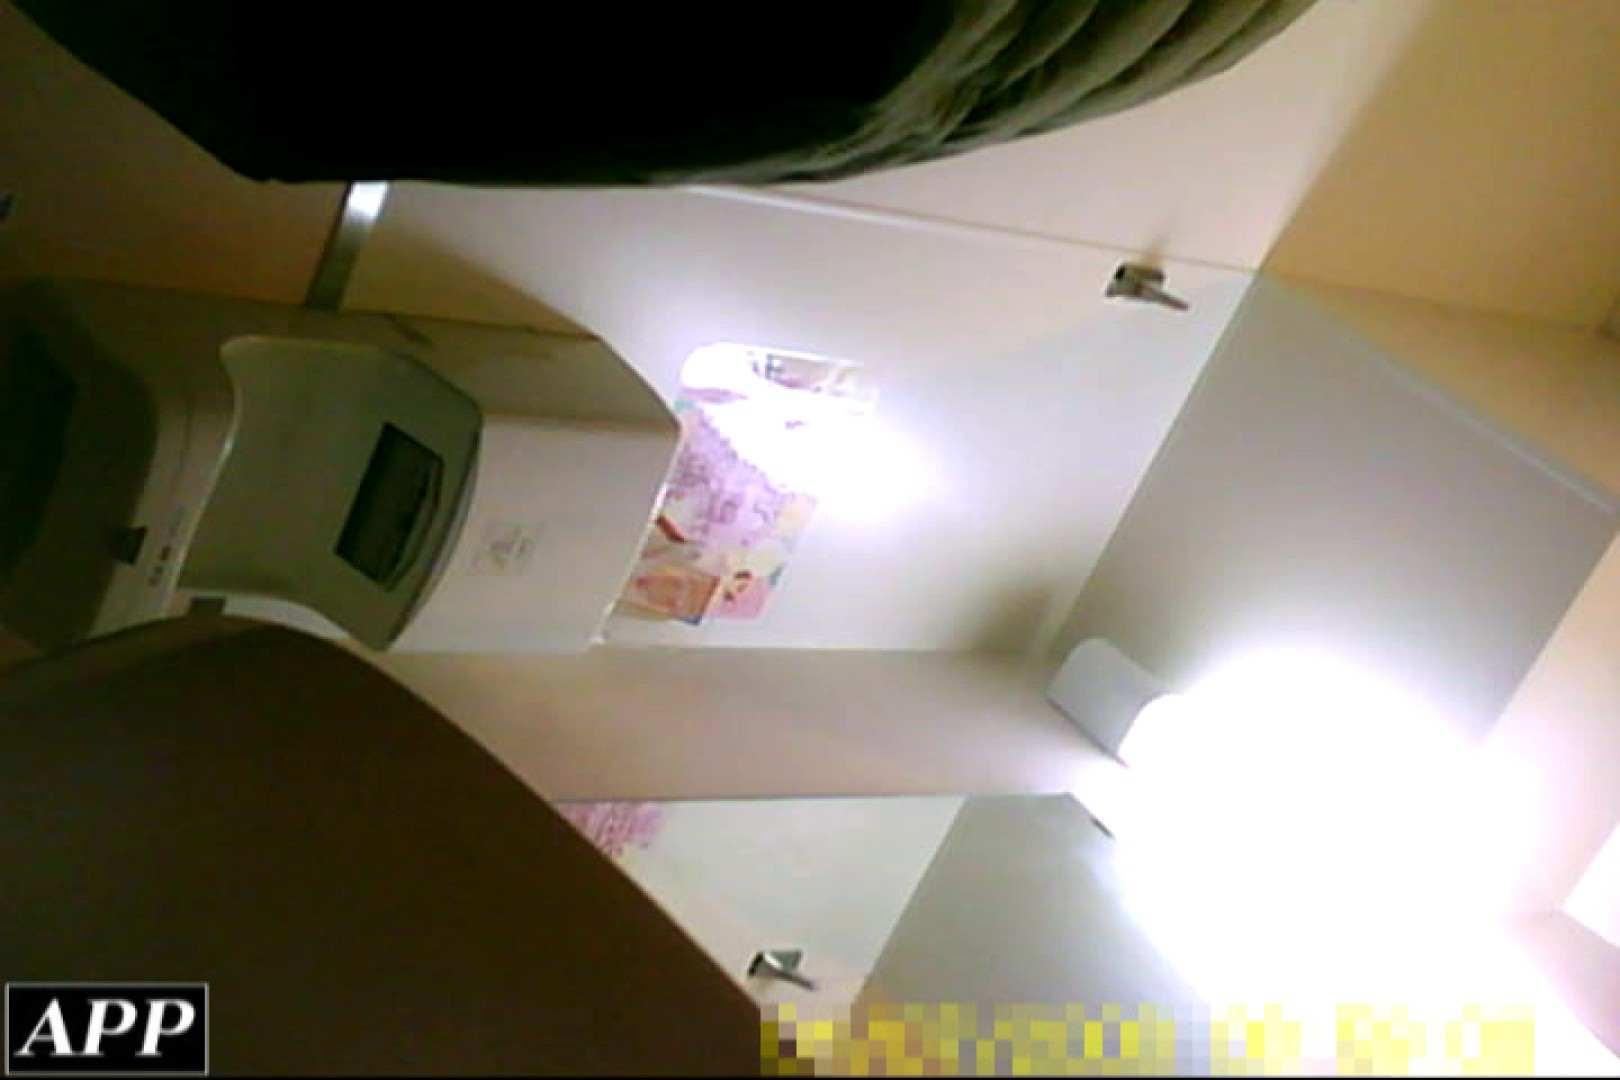 3視点洗面所 vol.064 OLの実態  74pic 40